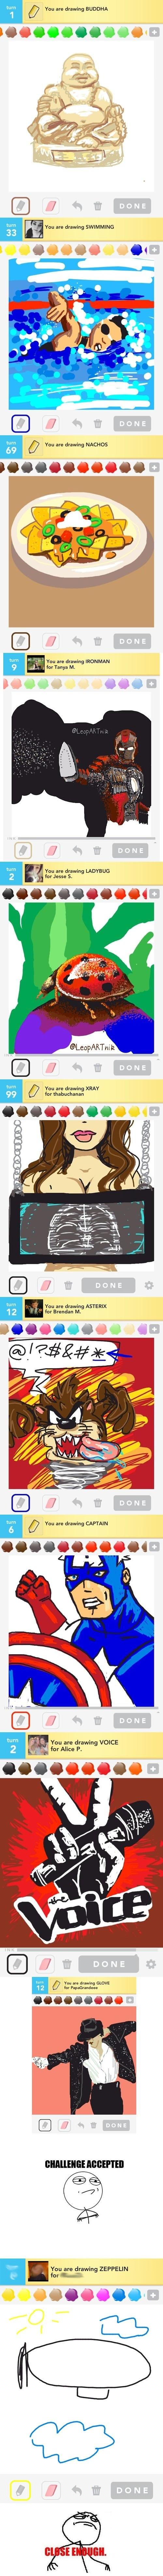 Draw Something